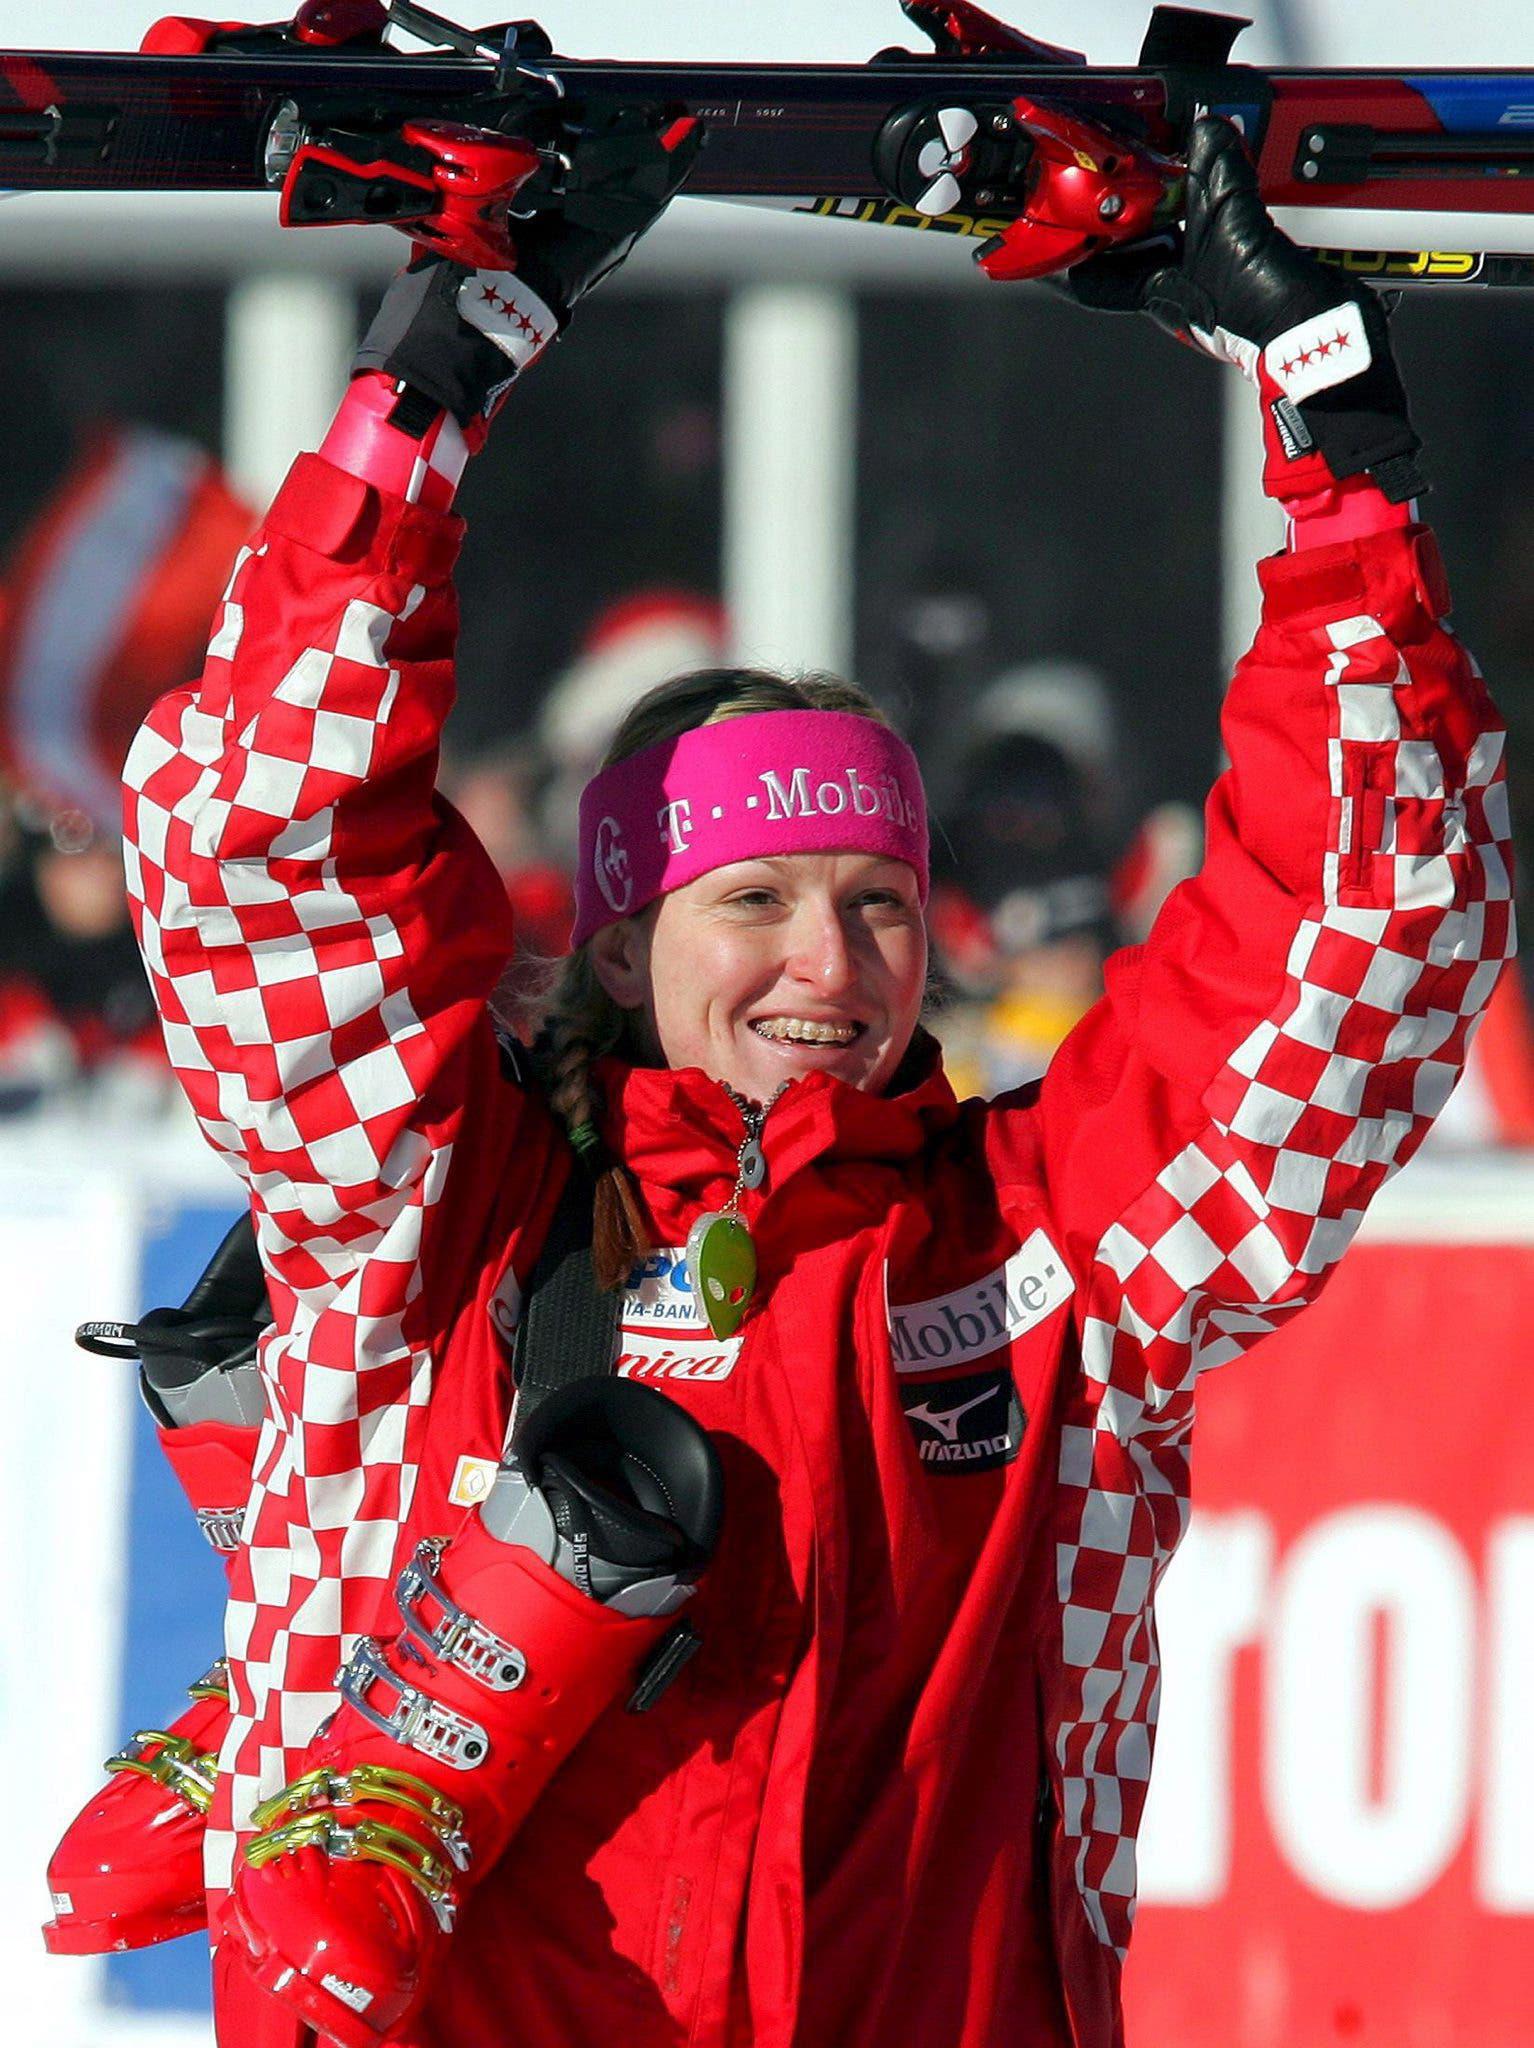 Janica Kostelic: Die vierfache Olympiasiegerin entfachte mit ihren Erfolgen eine Ski-Euphorie in Kroatien. Ihr zu Ehren wird auch heute noch der Titel «Schneekönigin» von Zagreb vergeben. Selber hat die Kroatin den Slalom an ihrem Hausberg aber nie gewonnen.